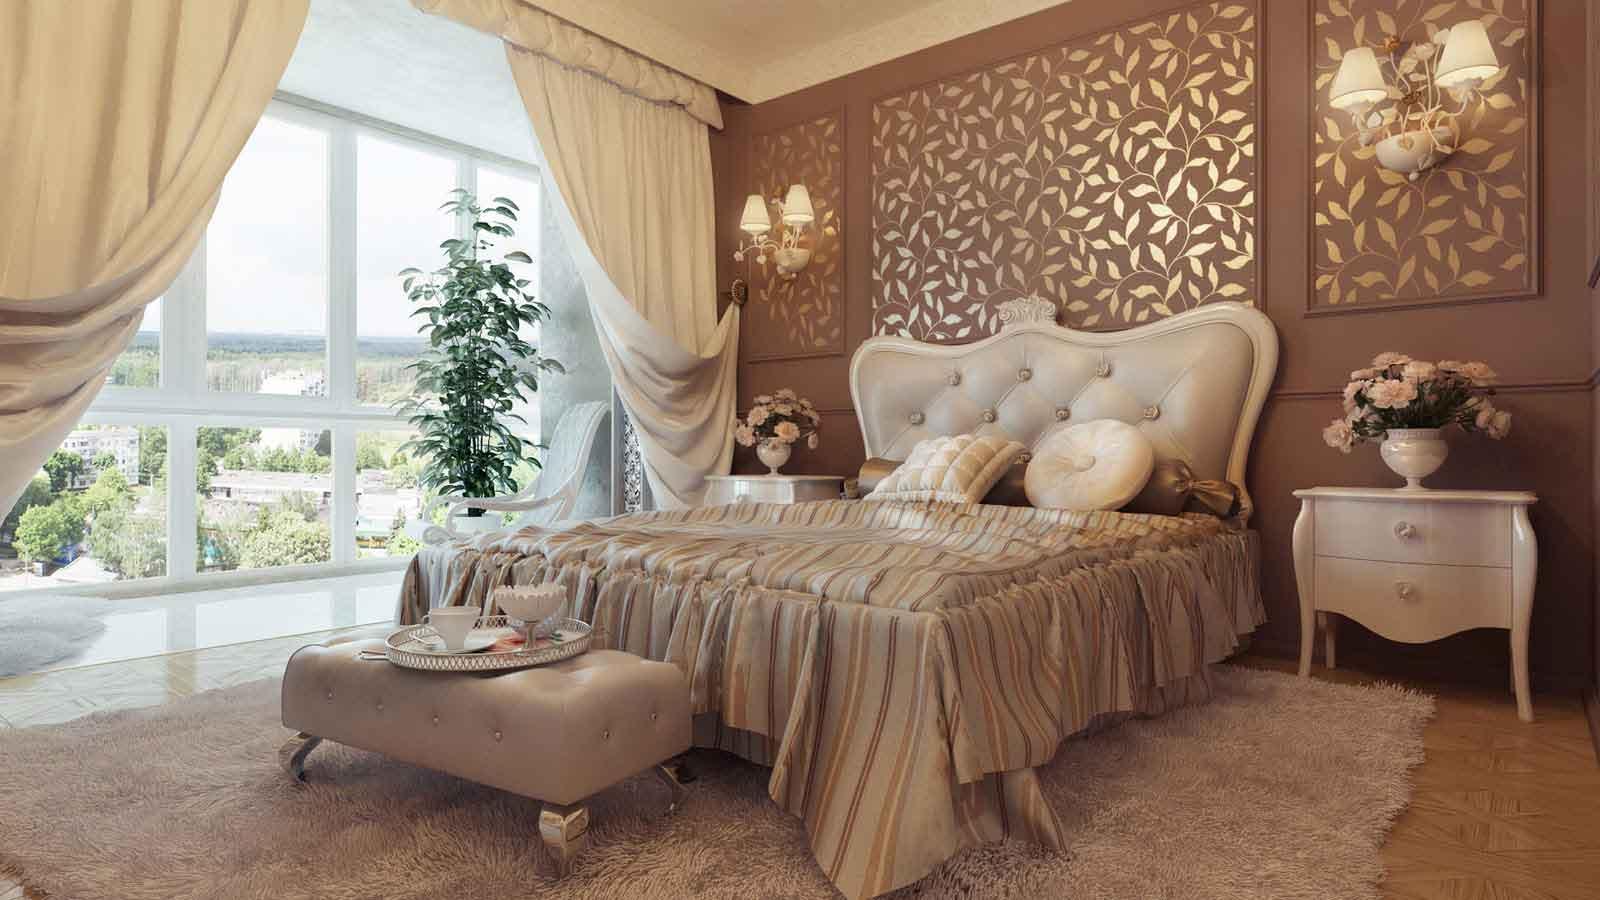 Ide Desain Interior Kamar Tidur Klasik Modern Inspirasi Pagi